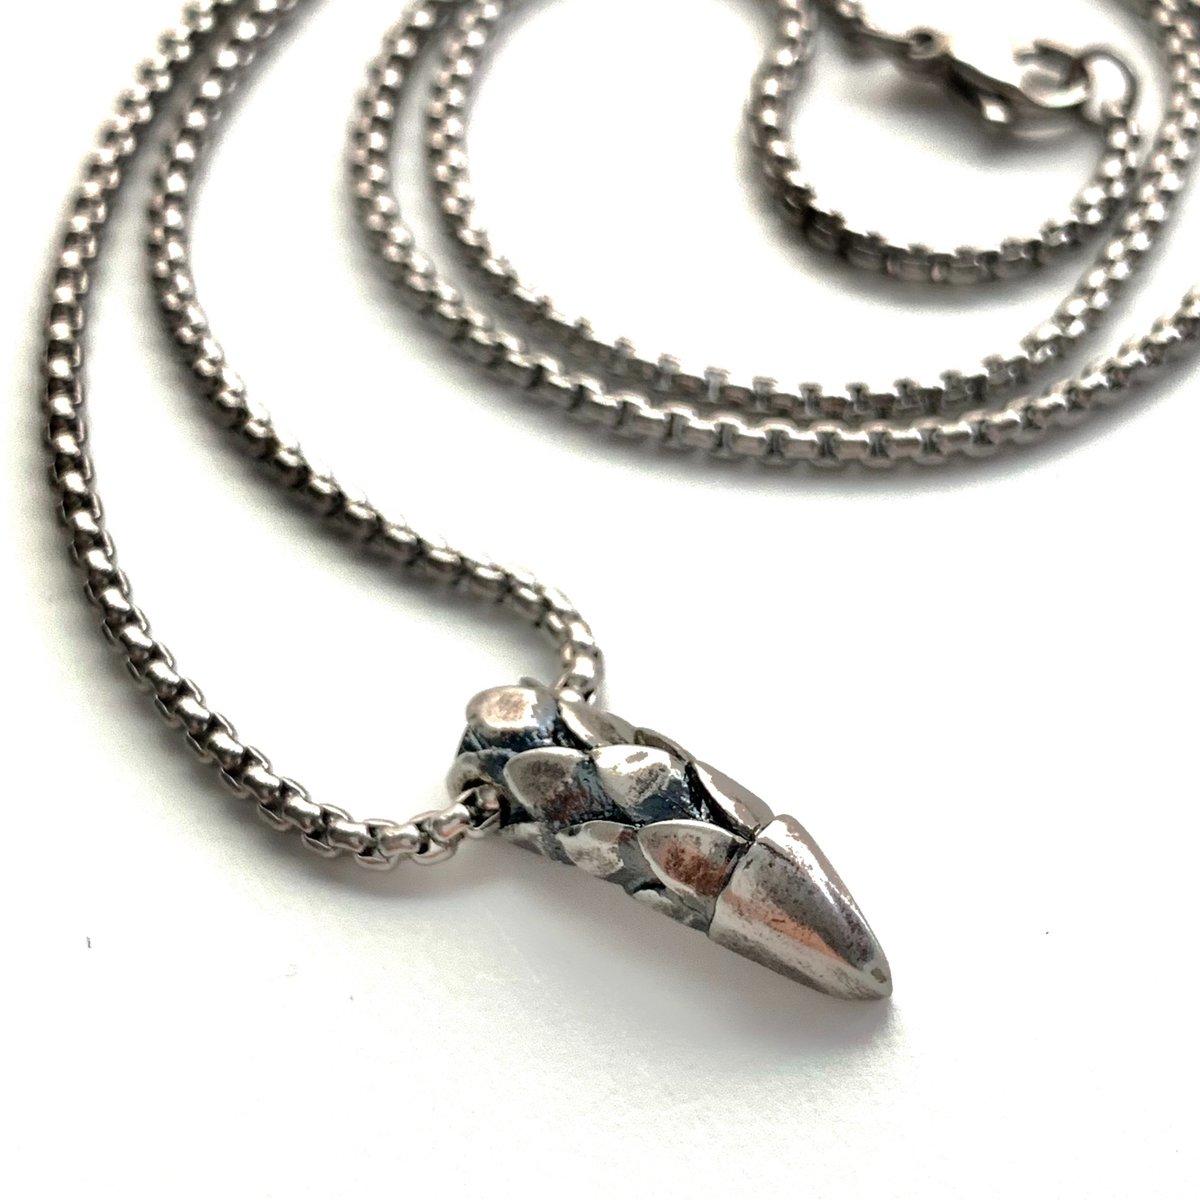 https://mailchi.mp/onachan.com/2020jewelrytrends… statement jewelry trends 2020 -#jewelrytrends2020 #jewelrytrendsetters #jewelrytrends #jewelry #jewelryoftheday #jewelrylovers #jewelrydesigner #jewelryfashion #earringstyle #statementearrings #earrings #statementjewelry #statementnecklacepic.twitter.com/NSZxFQT2dL